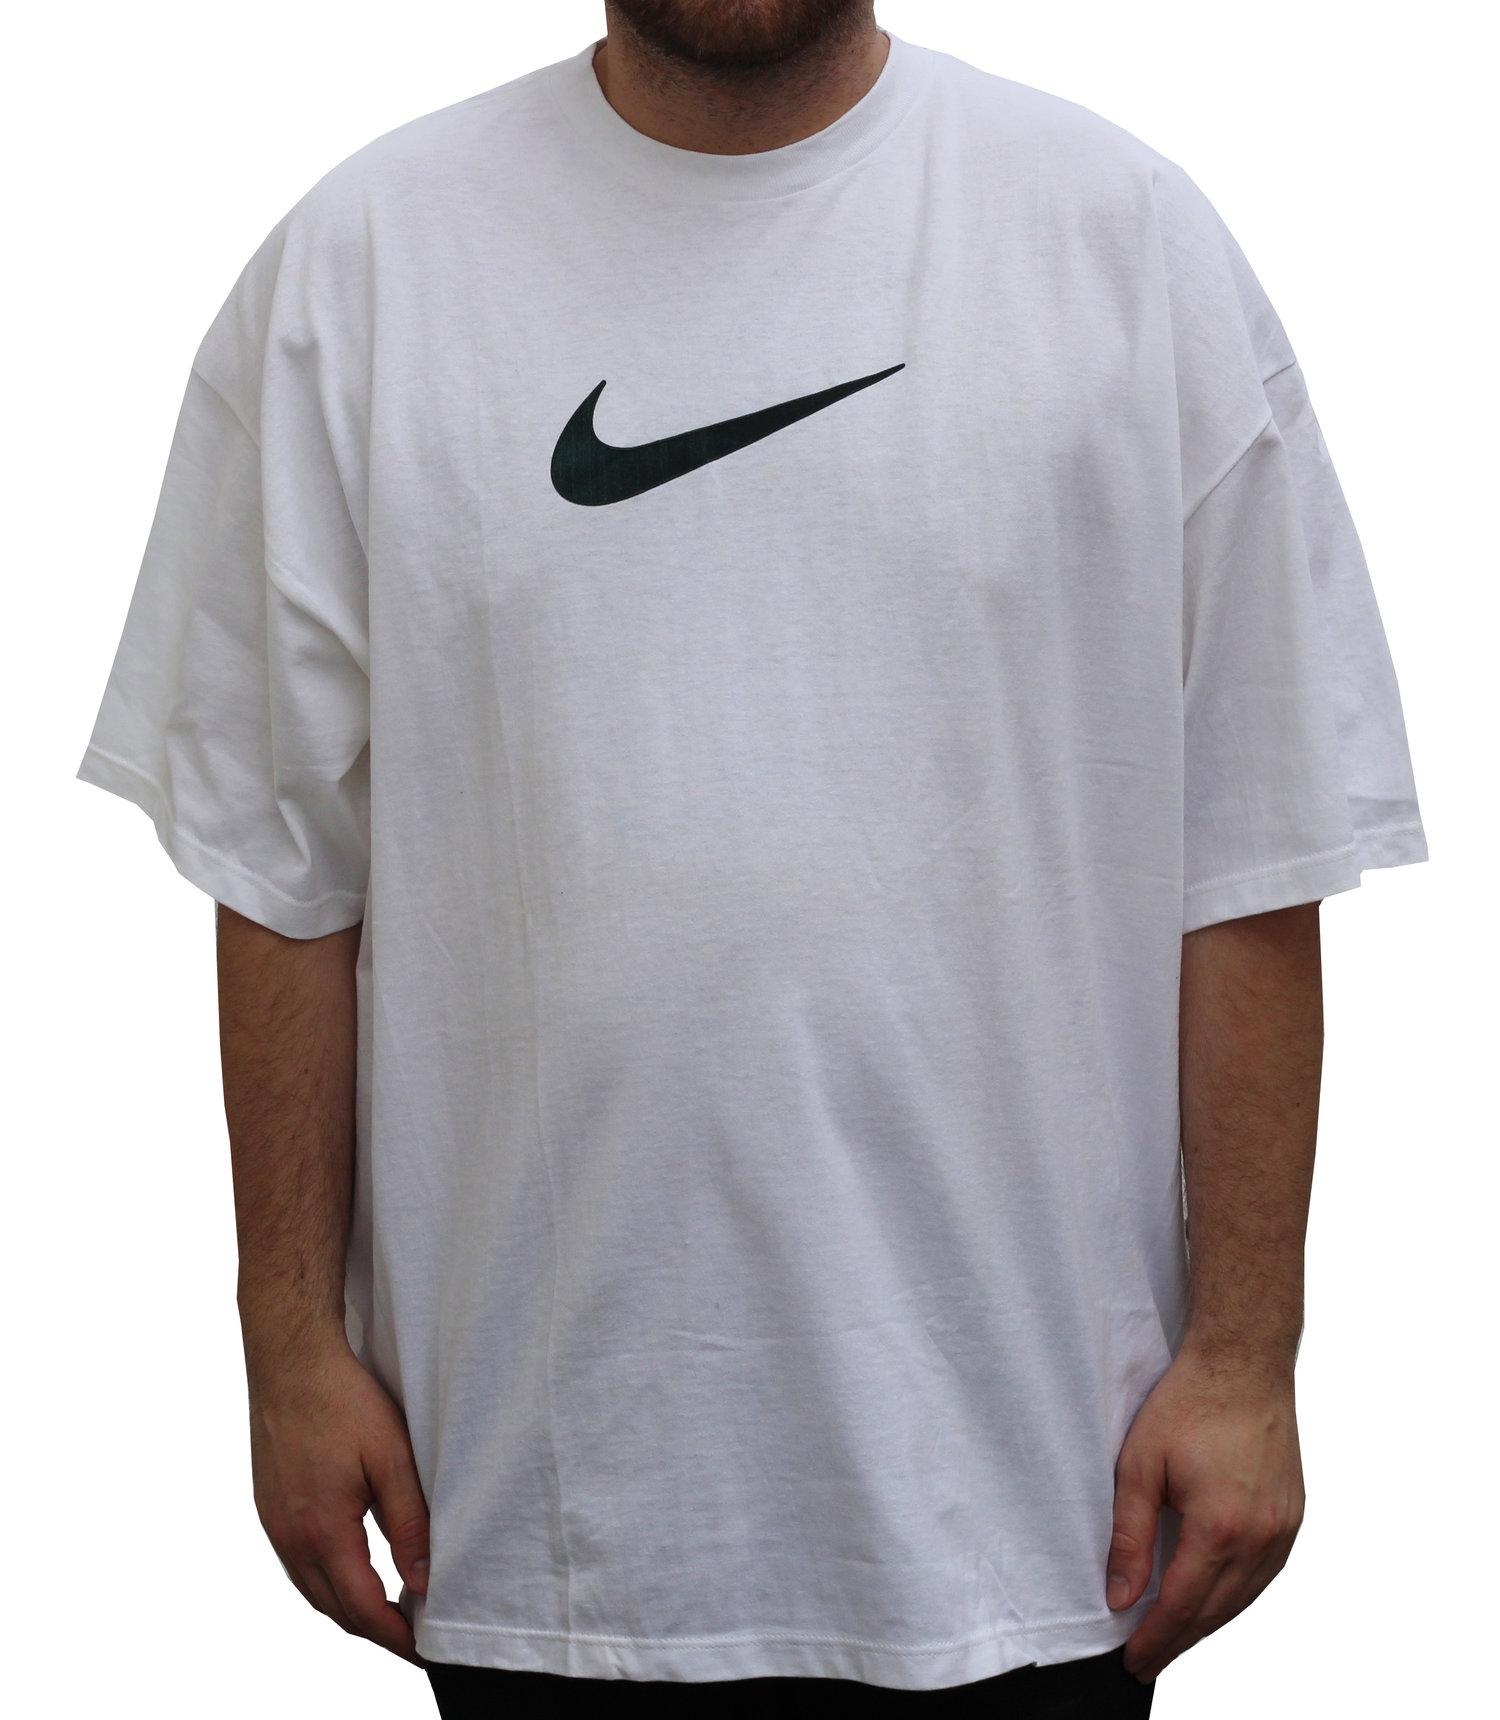 402bfa887 90s T Shirt Brands | Top Mode Depot